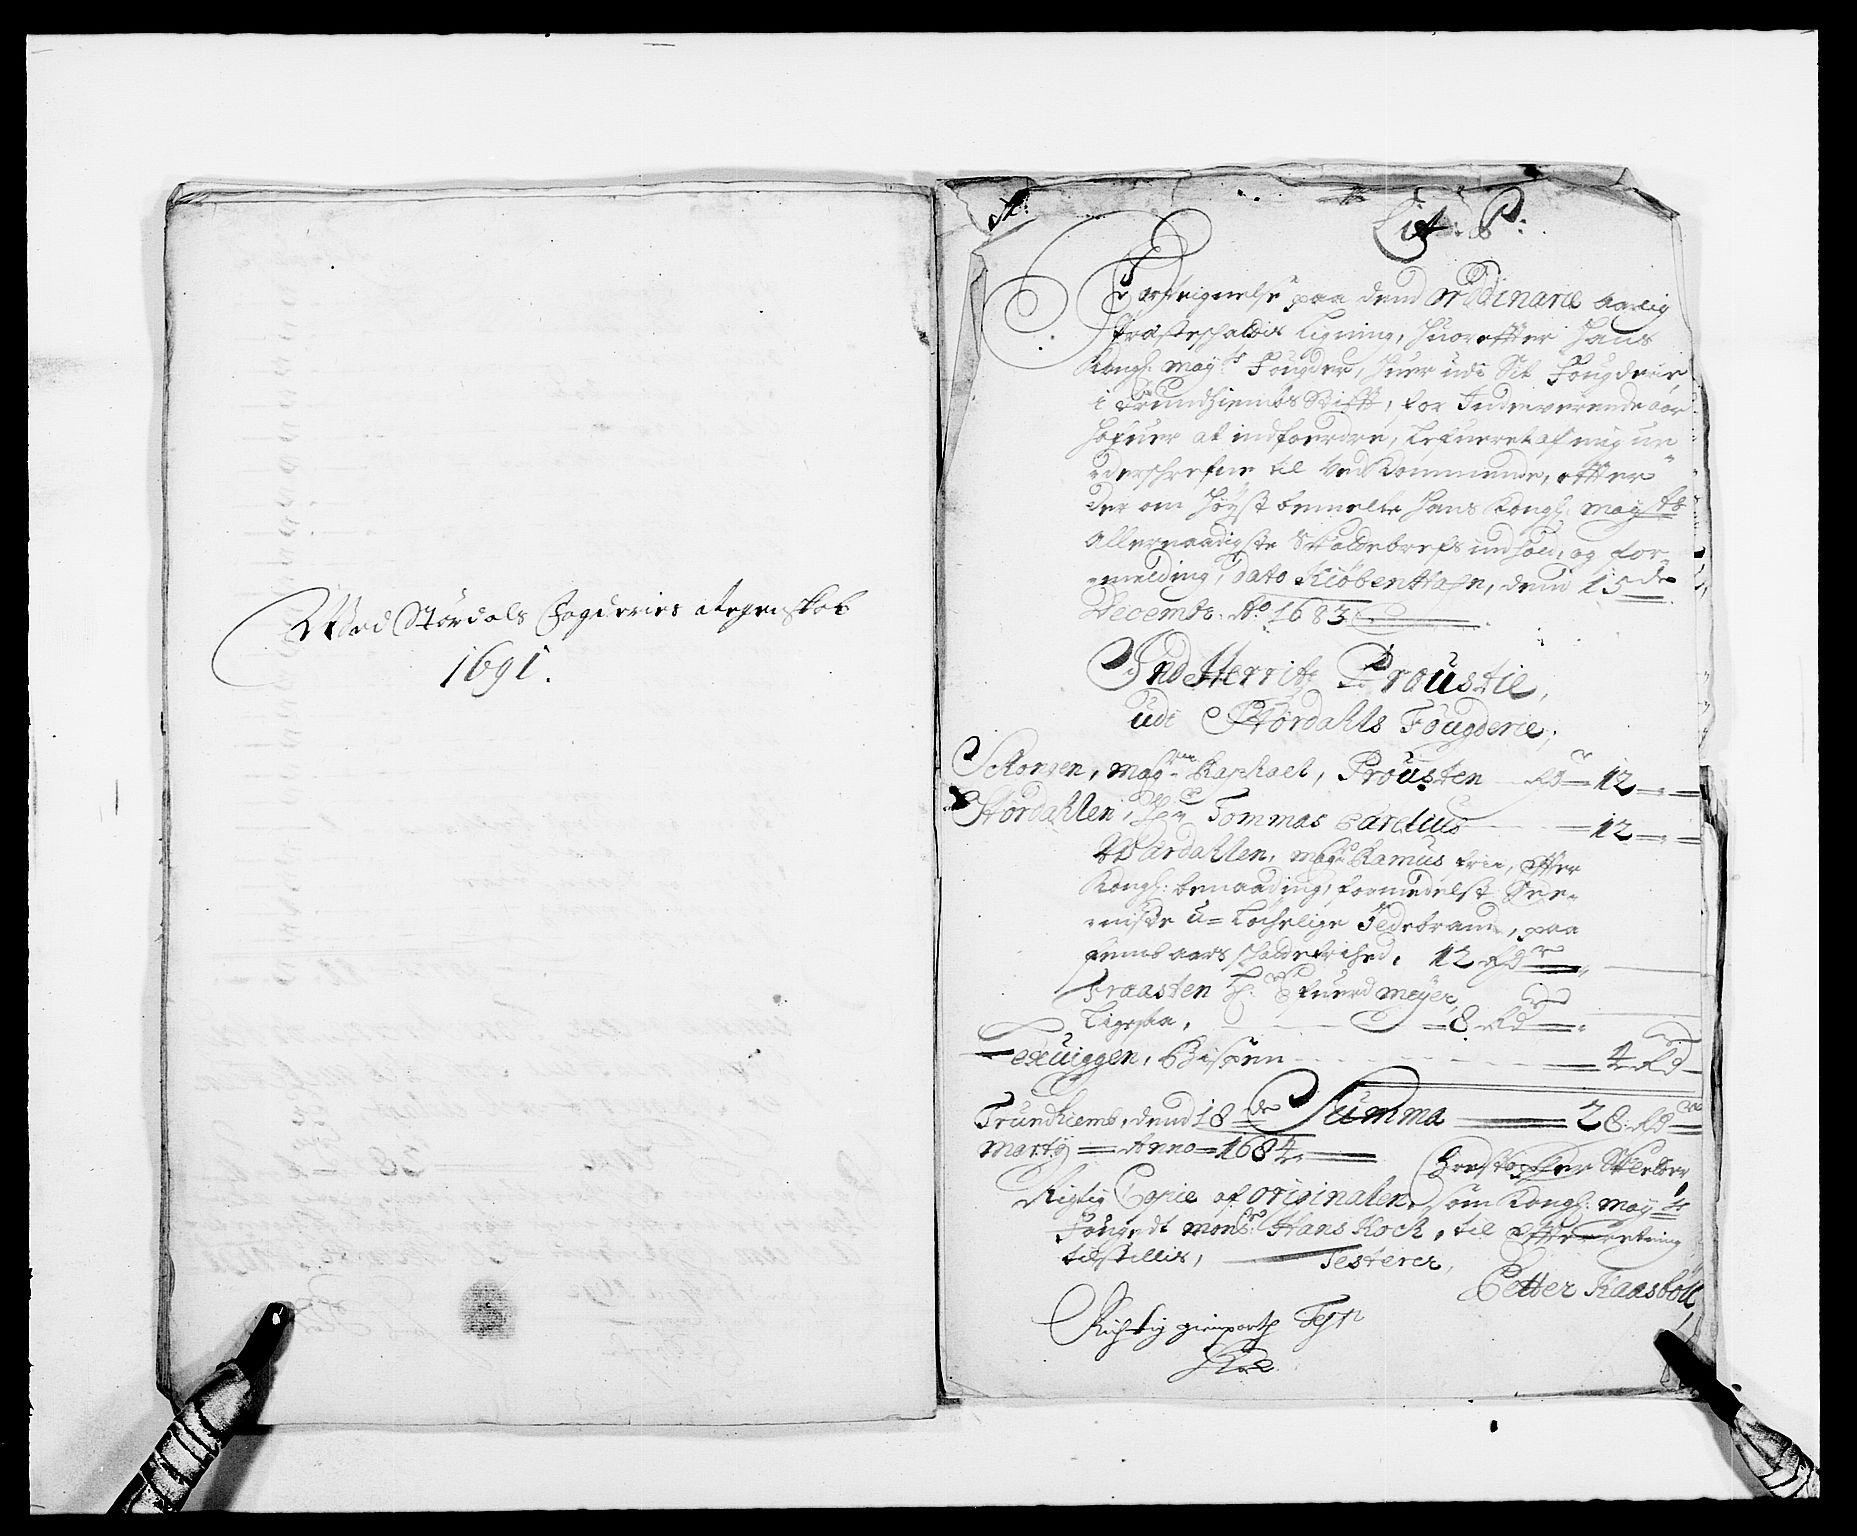 RA, Rentekammeret inntil 1814, Reviderte regnskaper, Fogderegnskap, R62/L4184: Fogderegnskap Stjørdal og Verdal, 1690-1691, s. 424